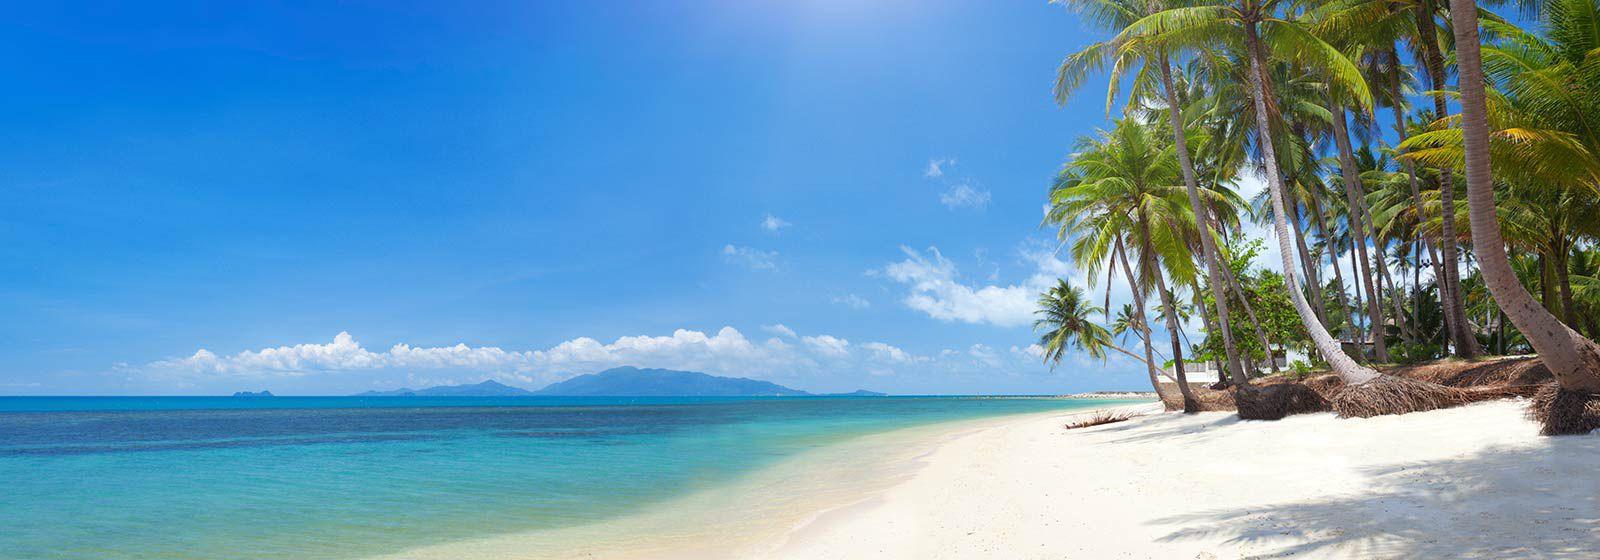 Ihg - Hotel vietnam bord de mer ...